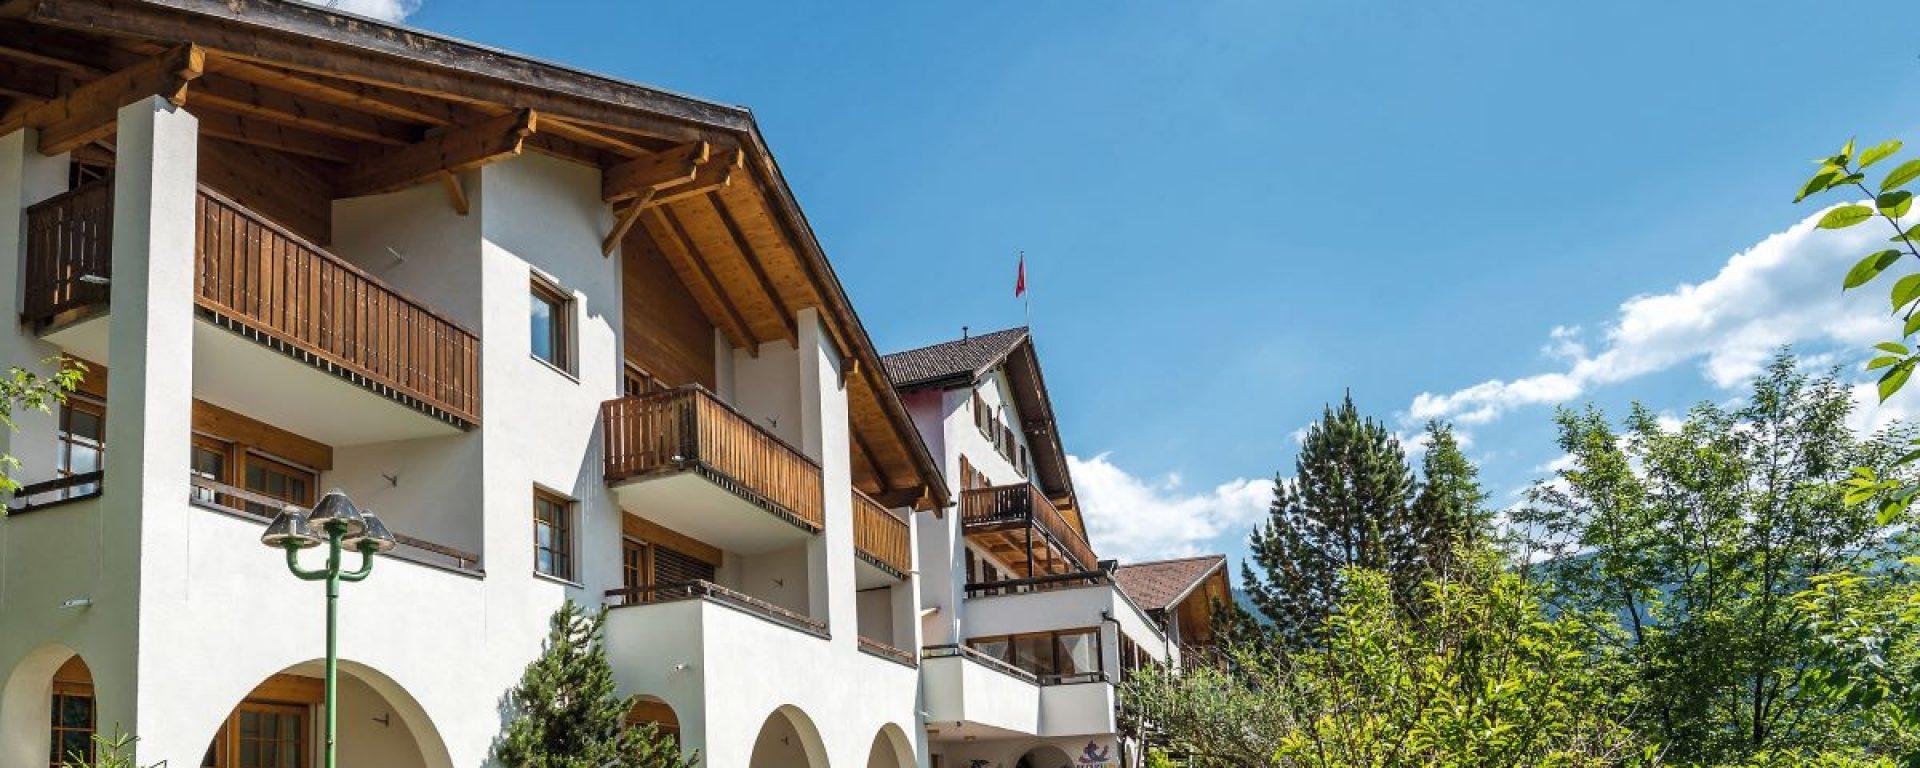 Aparthotel Muchetta Davos - Sommer